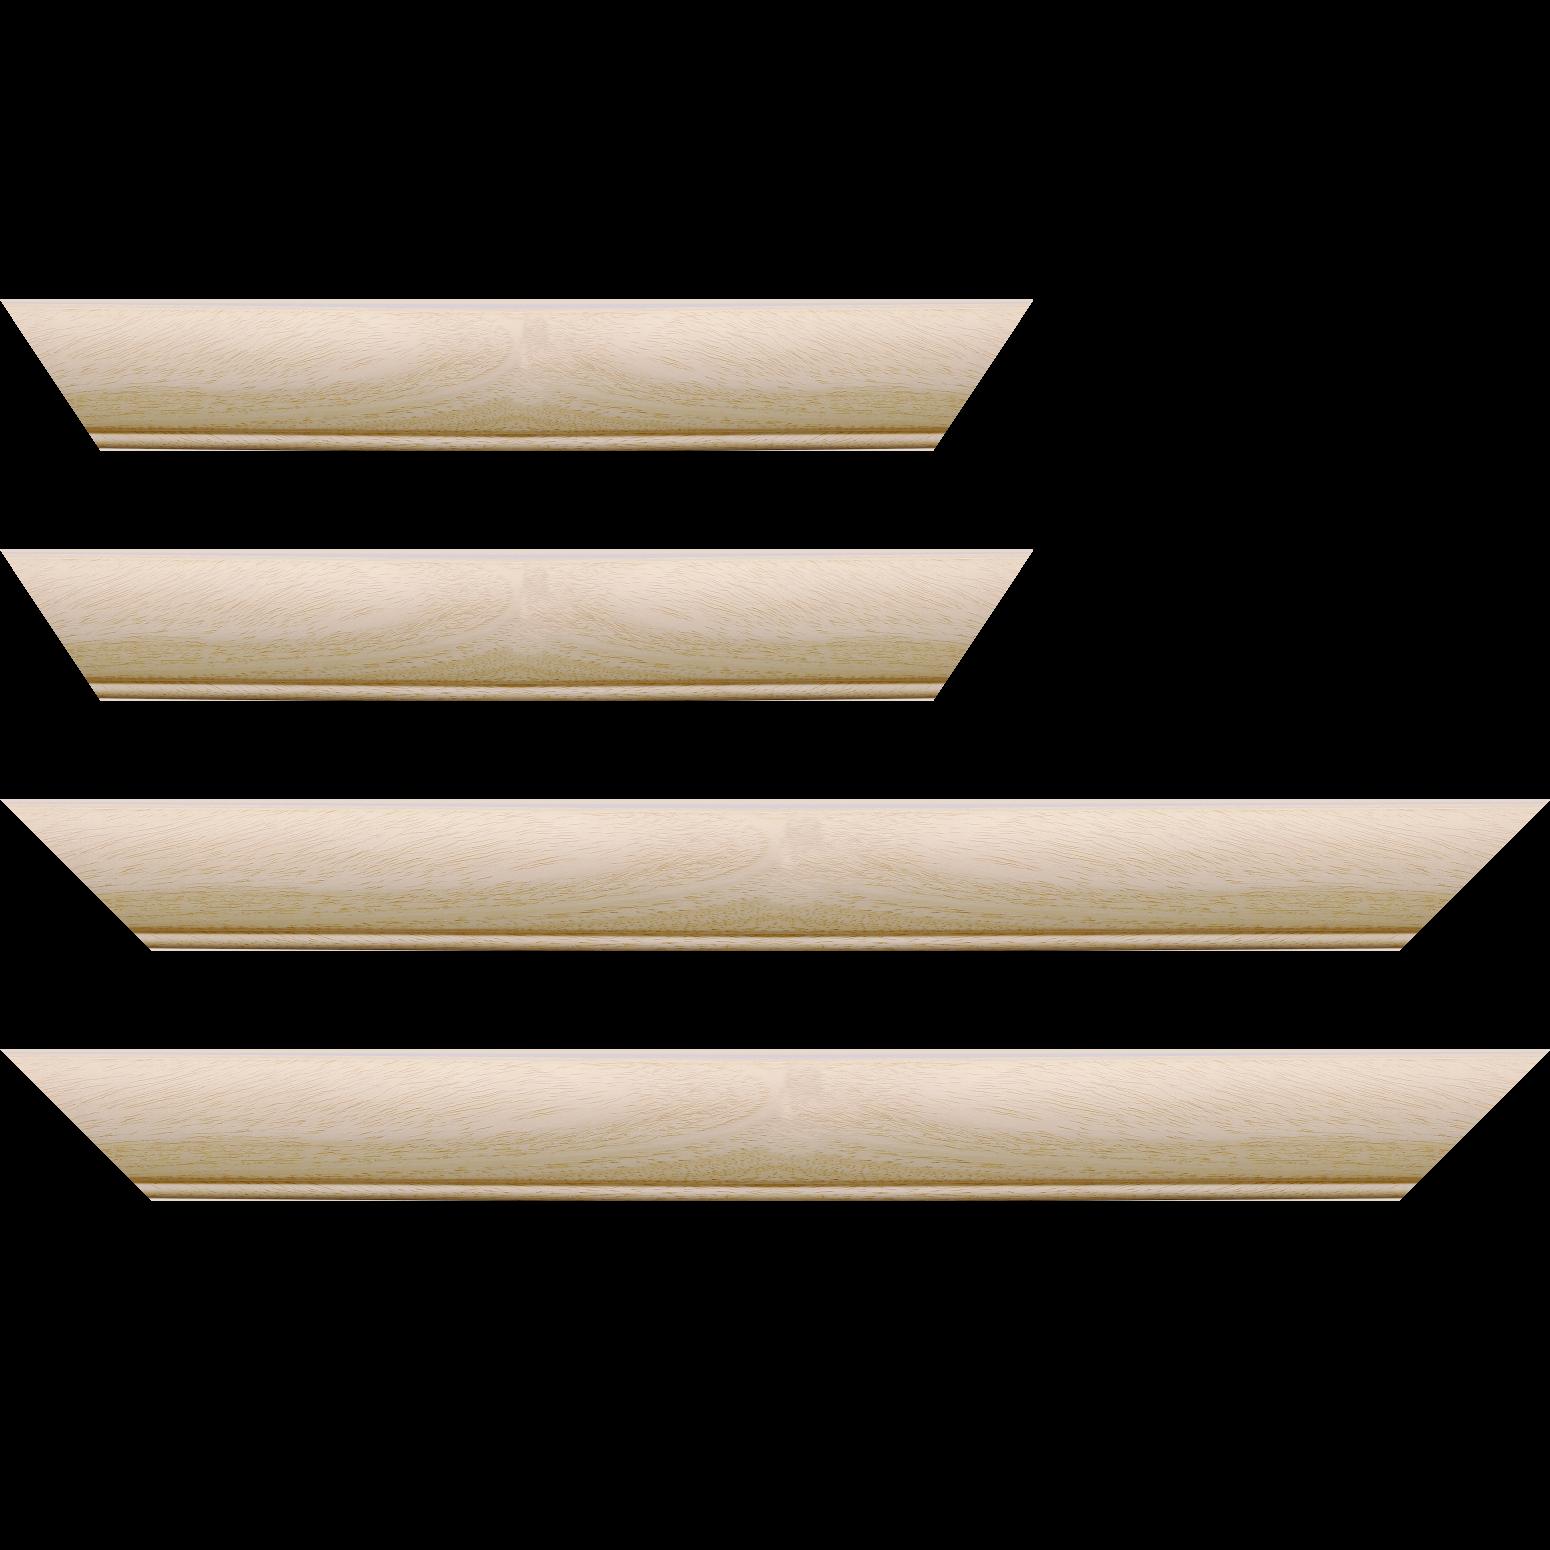 Baguette service précoupé Bois profil arrondi largeur 4.7cm ayous massif naturel (sans vernis, peut être peint...)